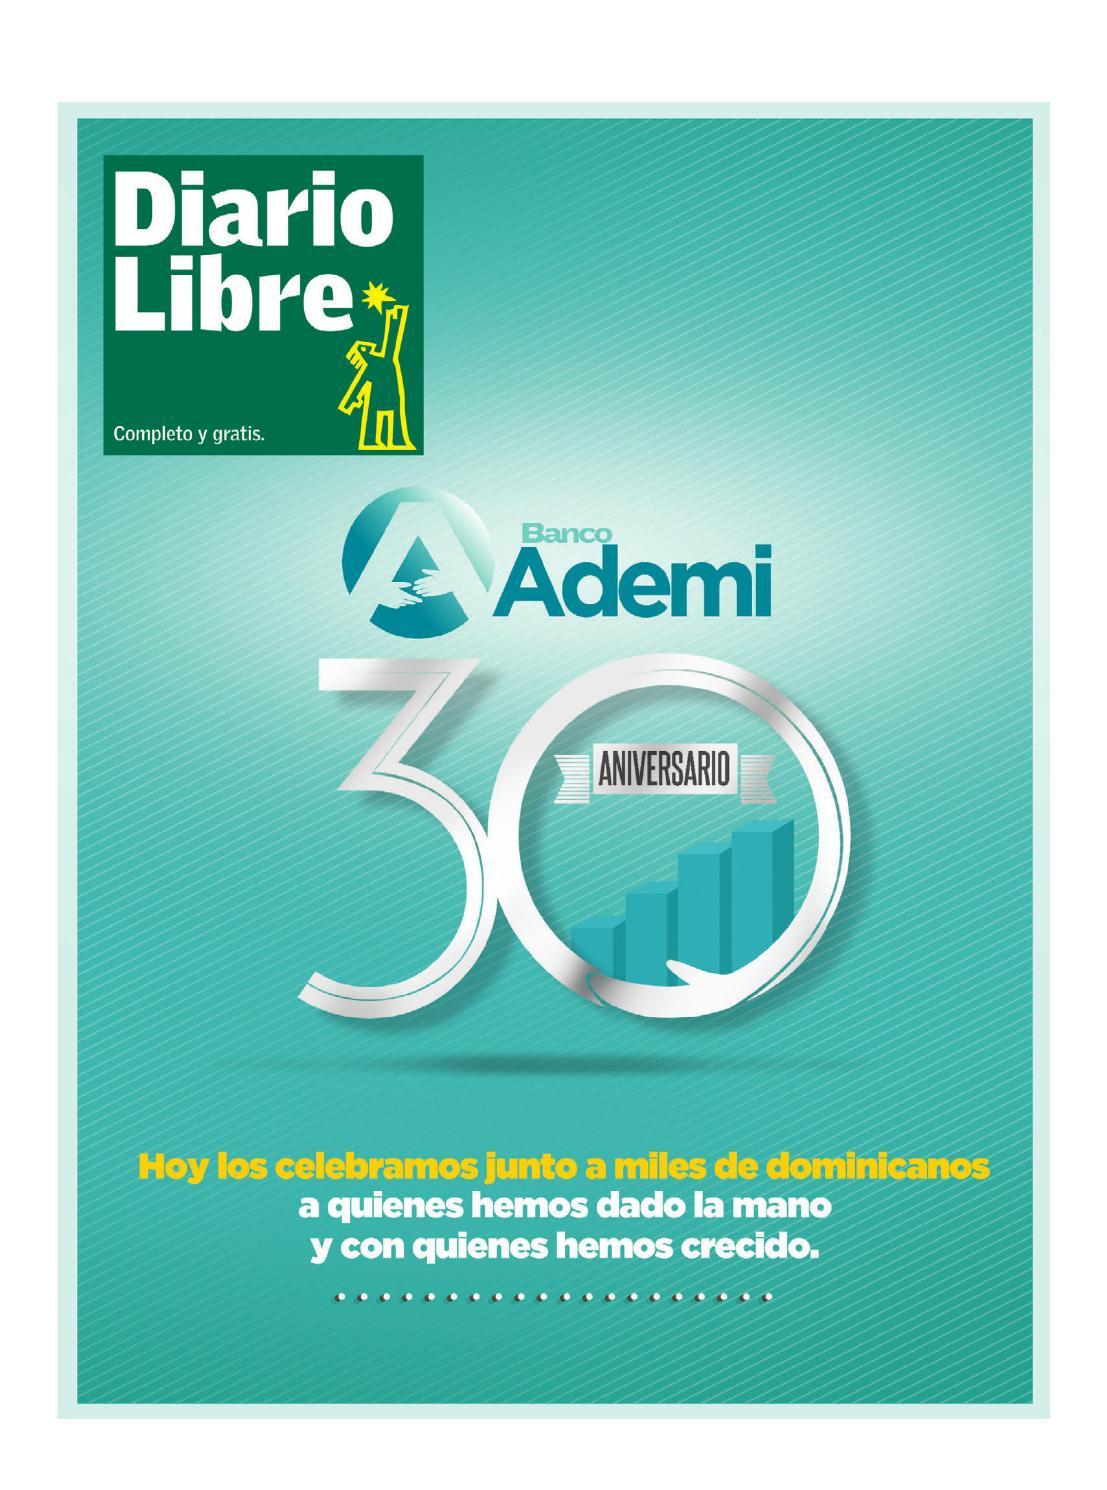 Diariolibre3725 by Grupo Diario Libre, S. A. - issuu